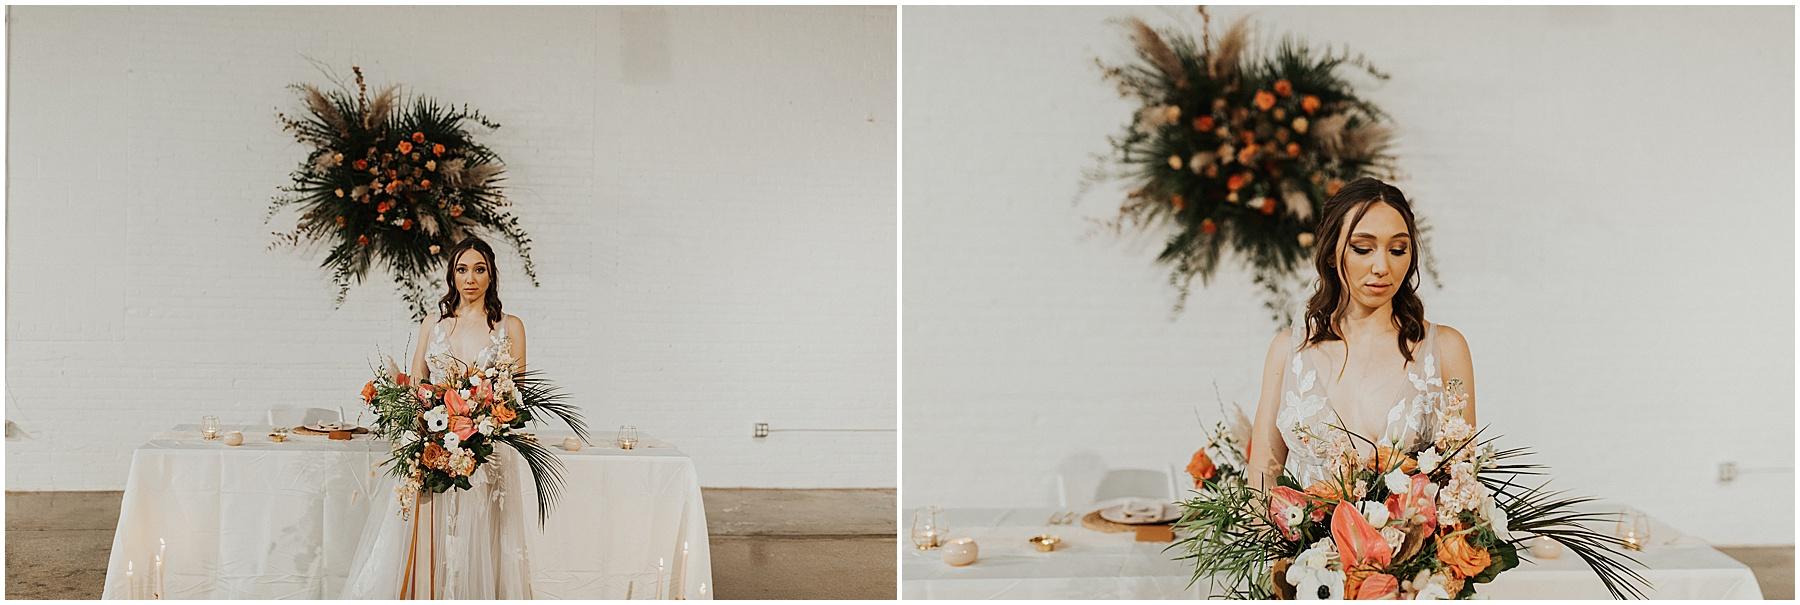 Tropical inspired boho wedding cleveland ohio the madison venue winter wedding_0135.jpg